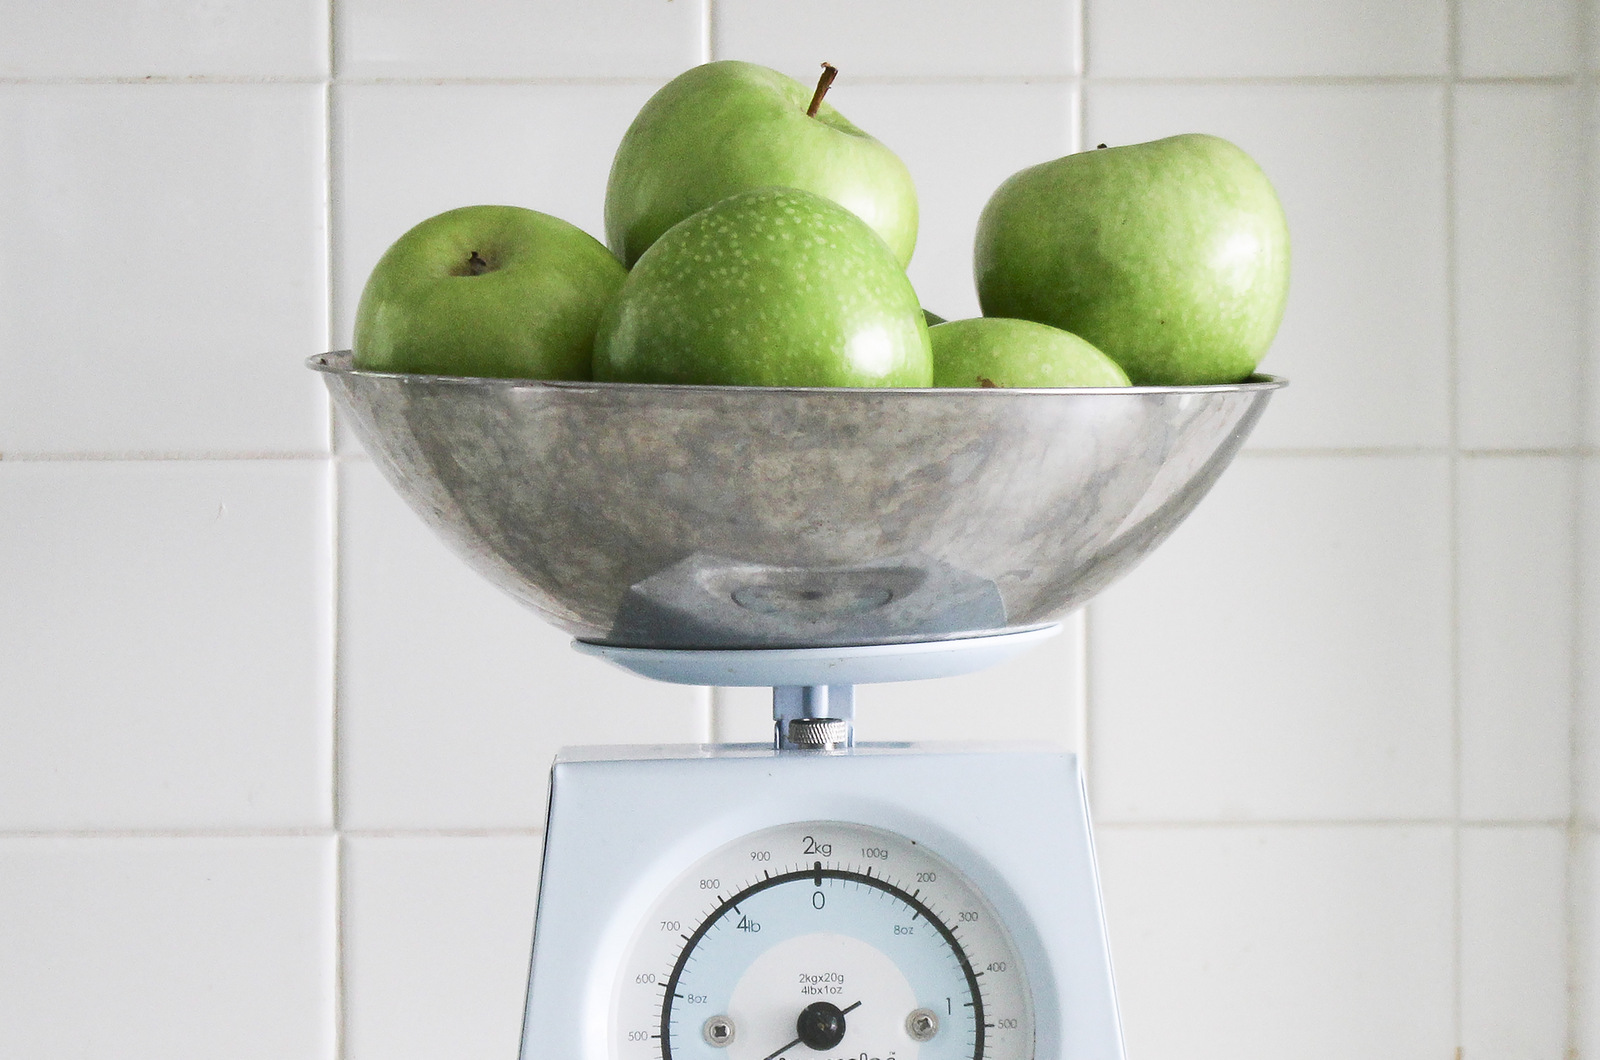 konsultacje dla dzieci poradnia dietetyczna warszawa nasza oferta